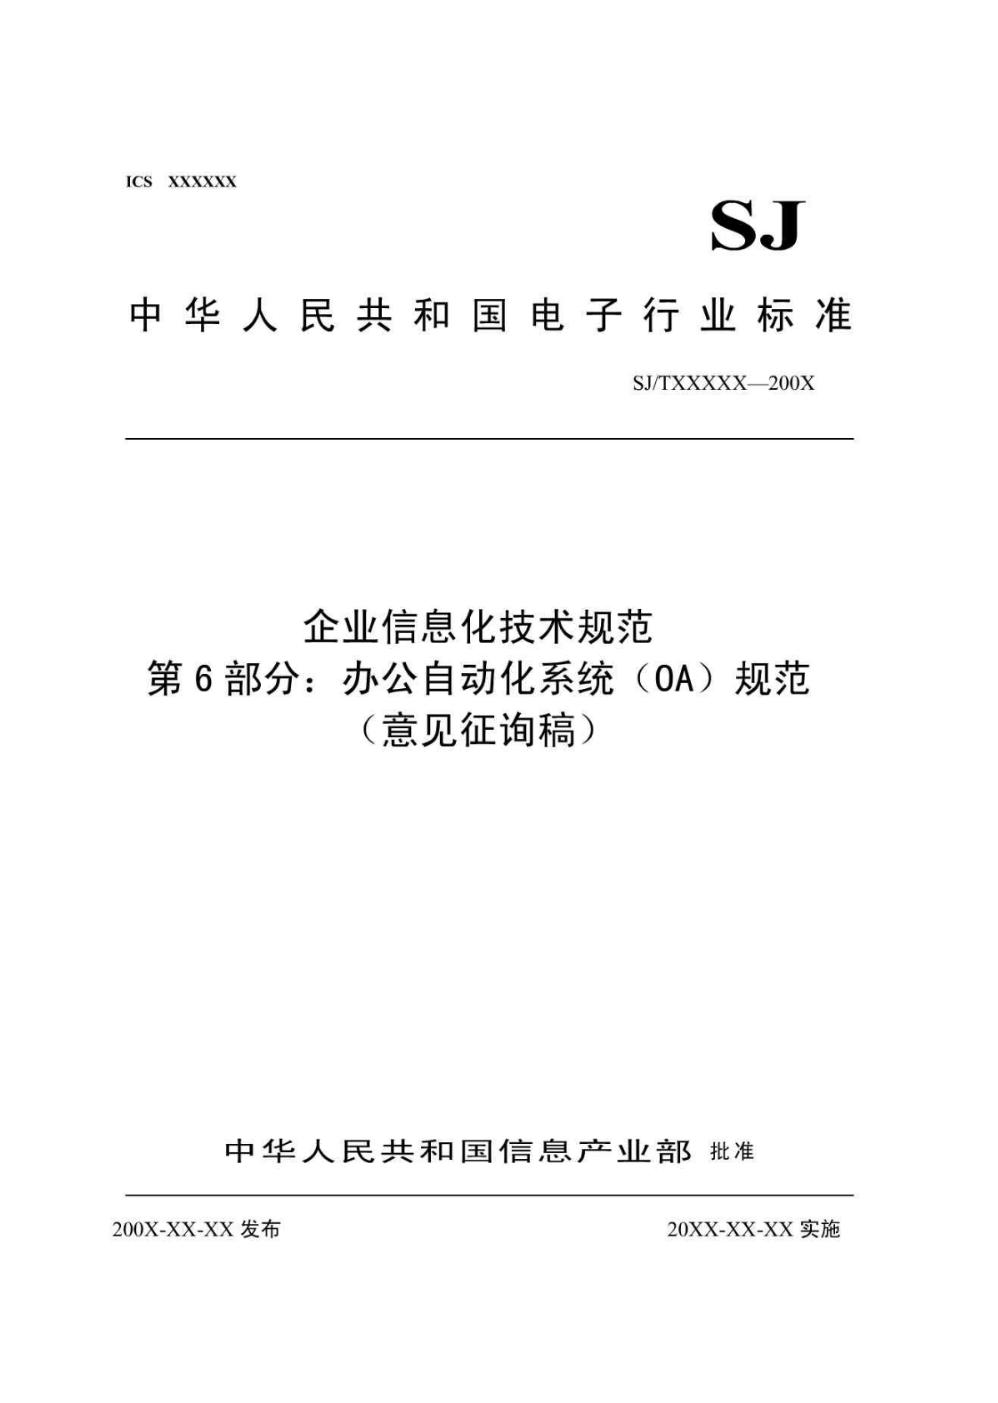 -办公自动化系统(OA)规范